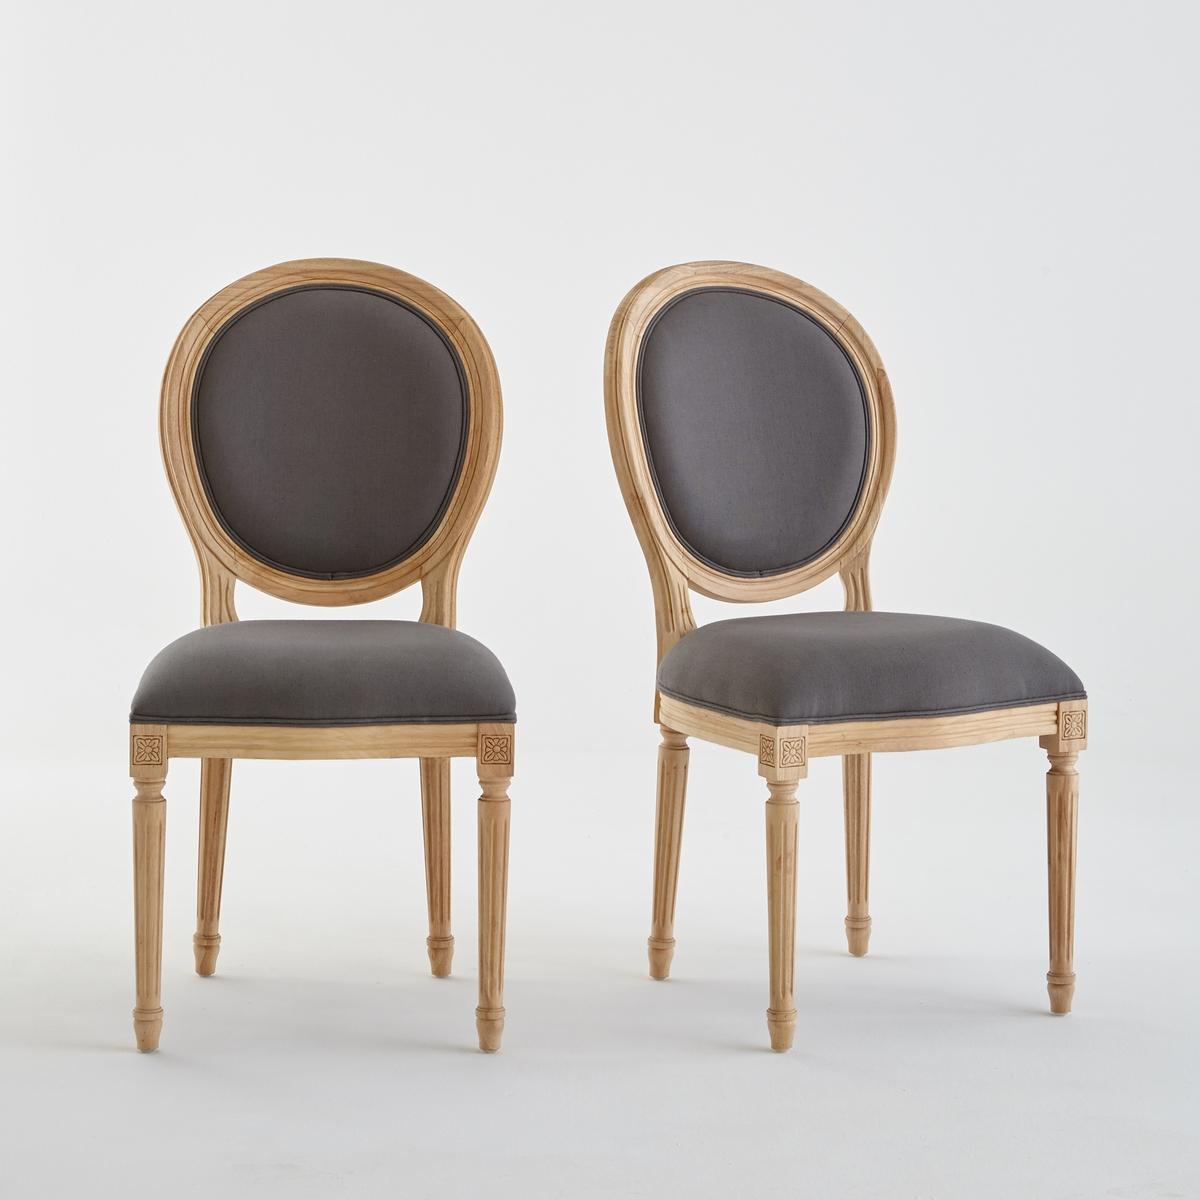 купить Комплект из стульев Nottingham La Redoute В стиле Людовика XVI единый размер серый по цене 47749 рублей